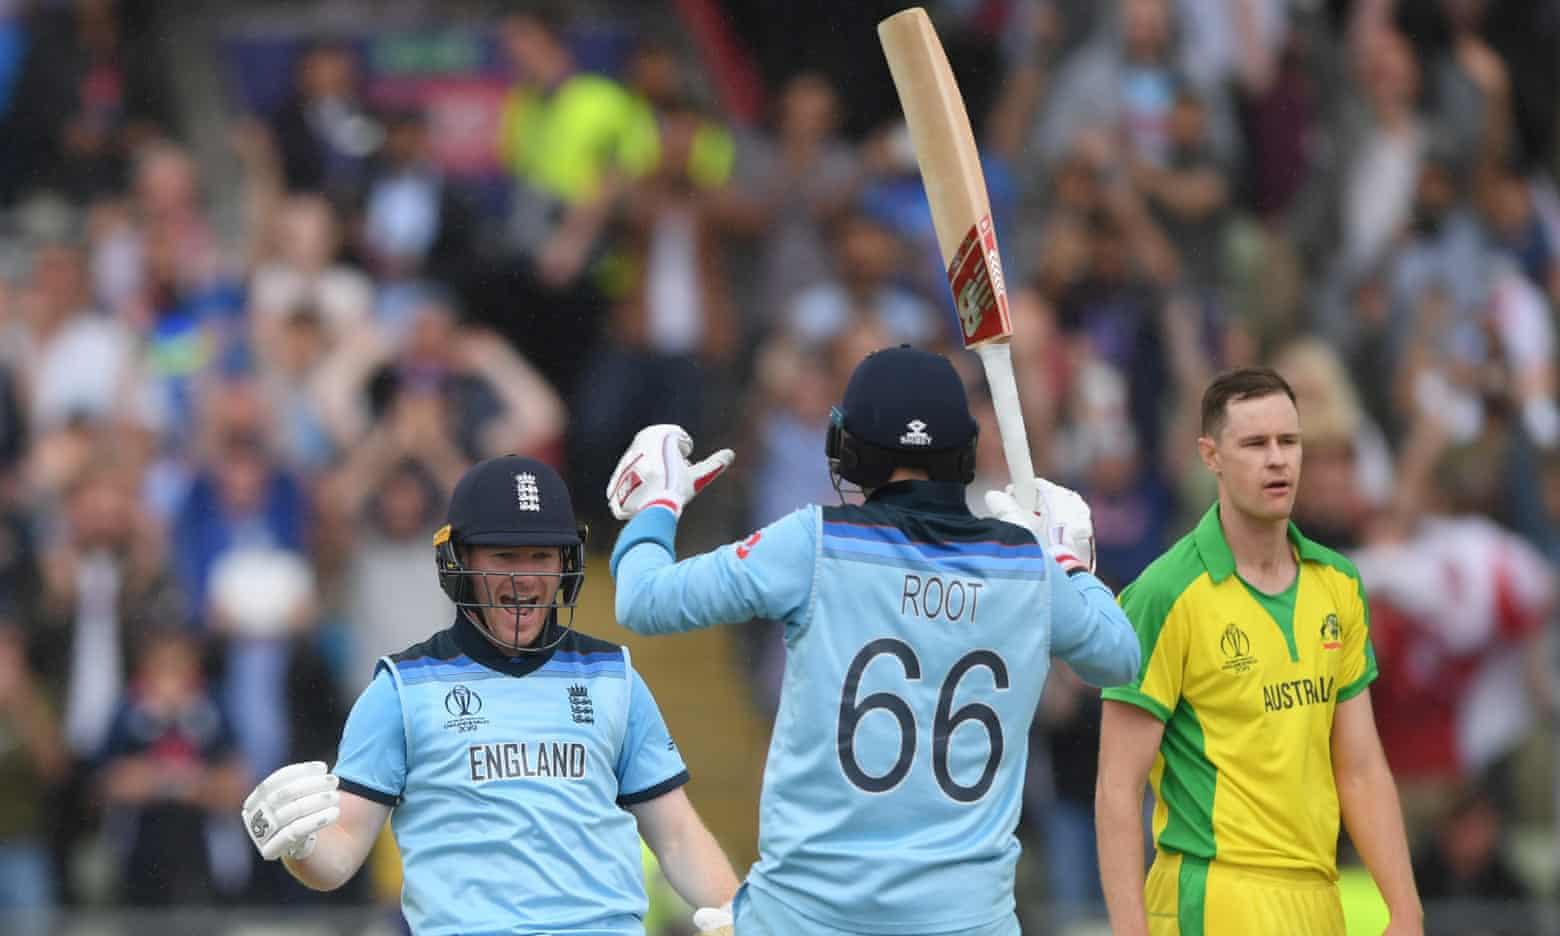 विश्वकप क्रिकेट-अष्ट्रेलियालाई ८ विकेटले हराउँदै इङ्ल्यान्ड फाईनलमा, उपाधिको लागि न्यूजिल्याण्डसँग भिड्ने